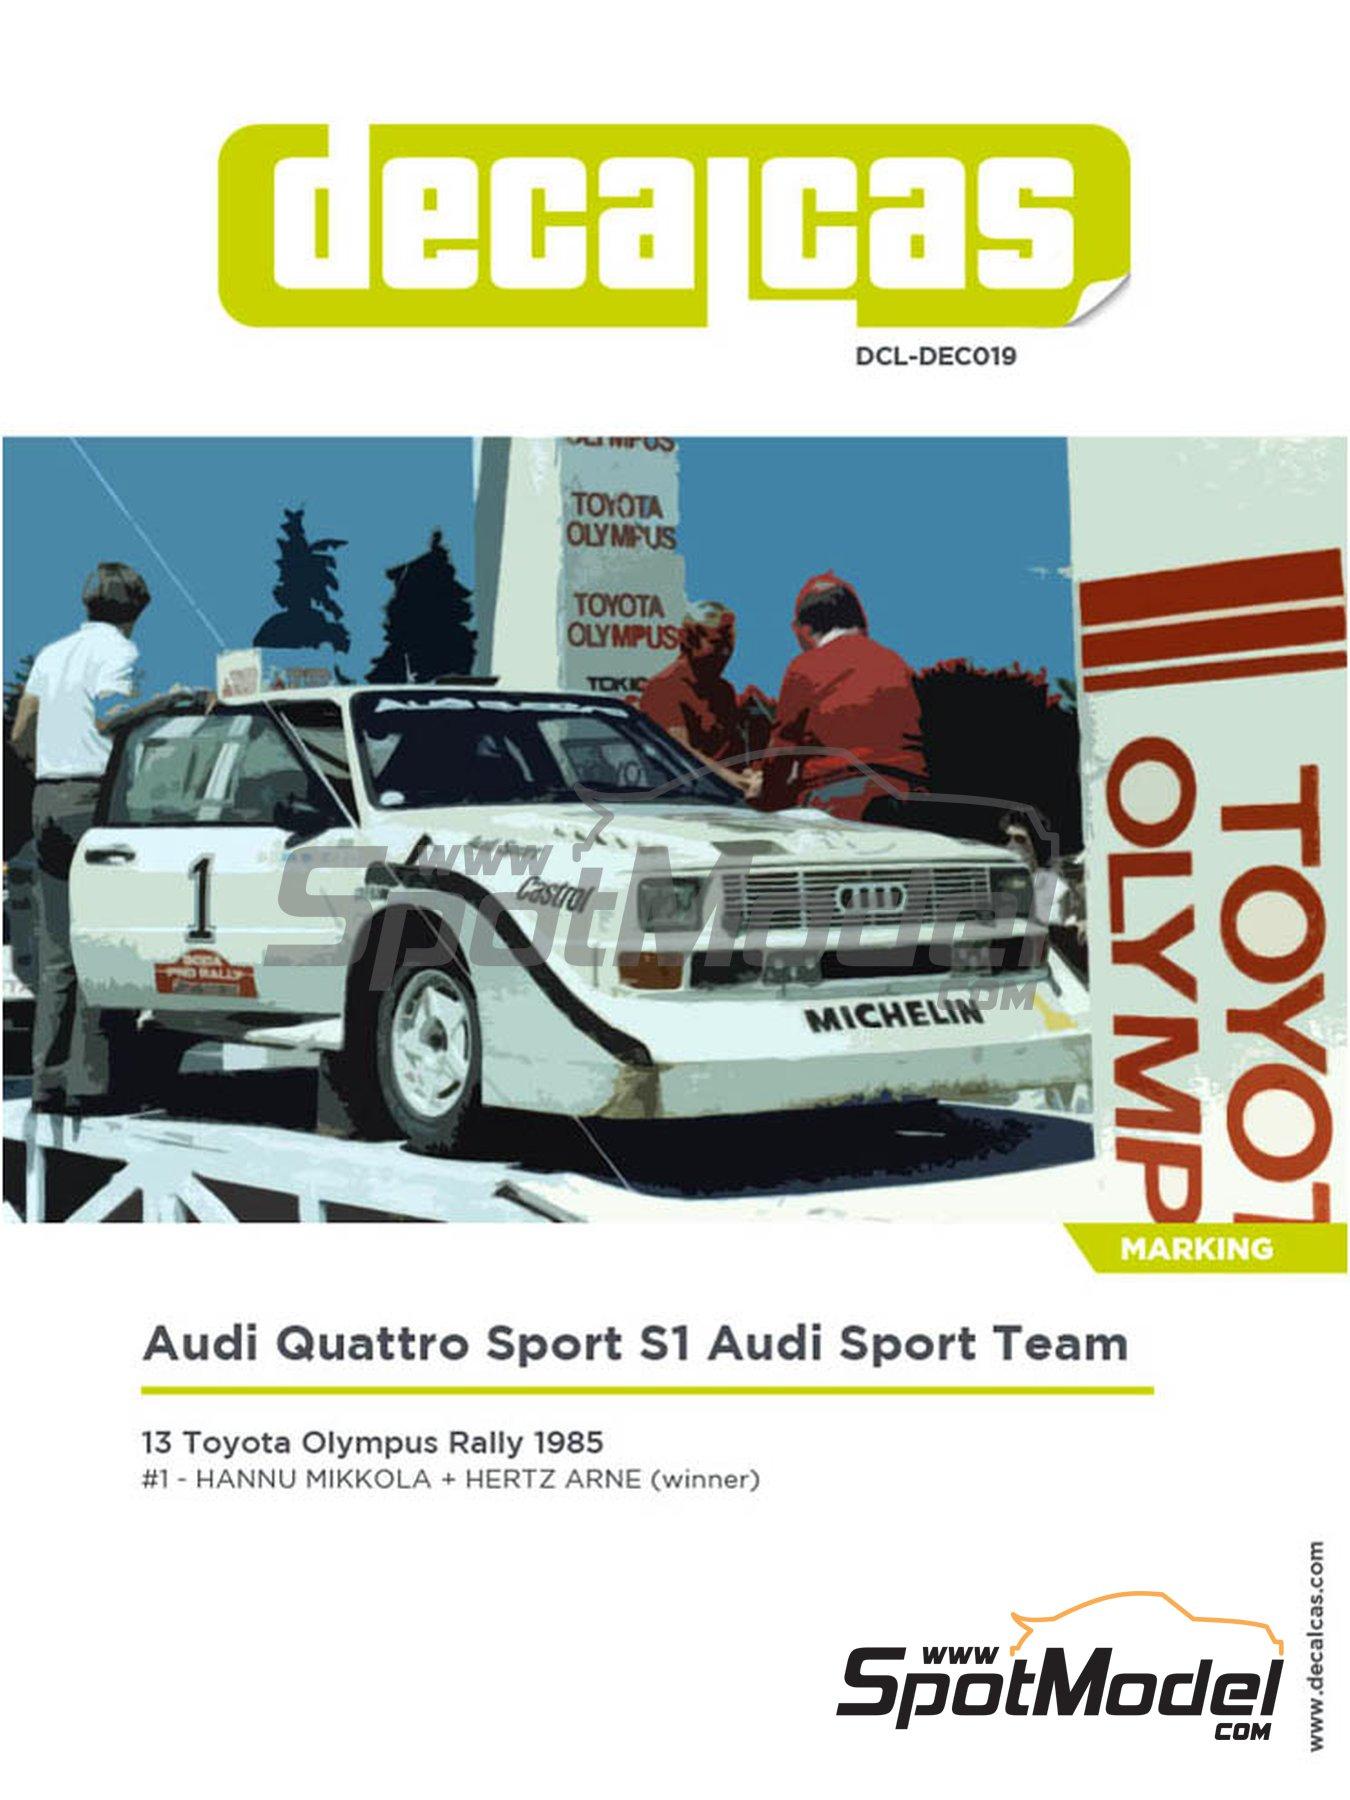 Audi Quattro Sport S1 Audi Sport Team - Toyota Olympus Rally 1985 | Decoración en escala1/24 fabricado por Decalcas (ref.DCL-DEC019) image